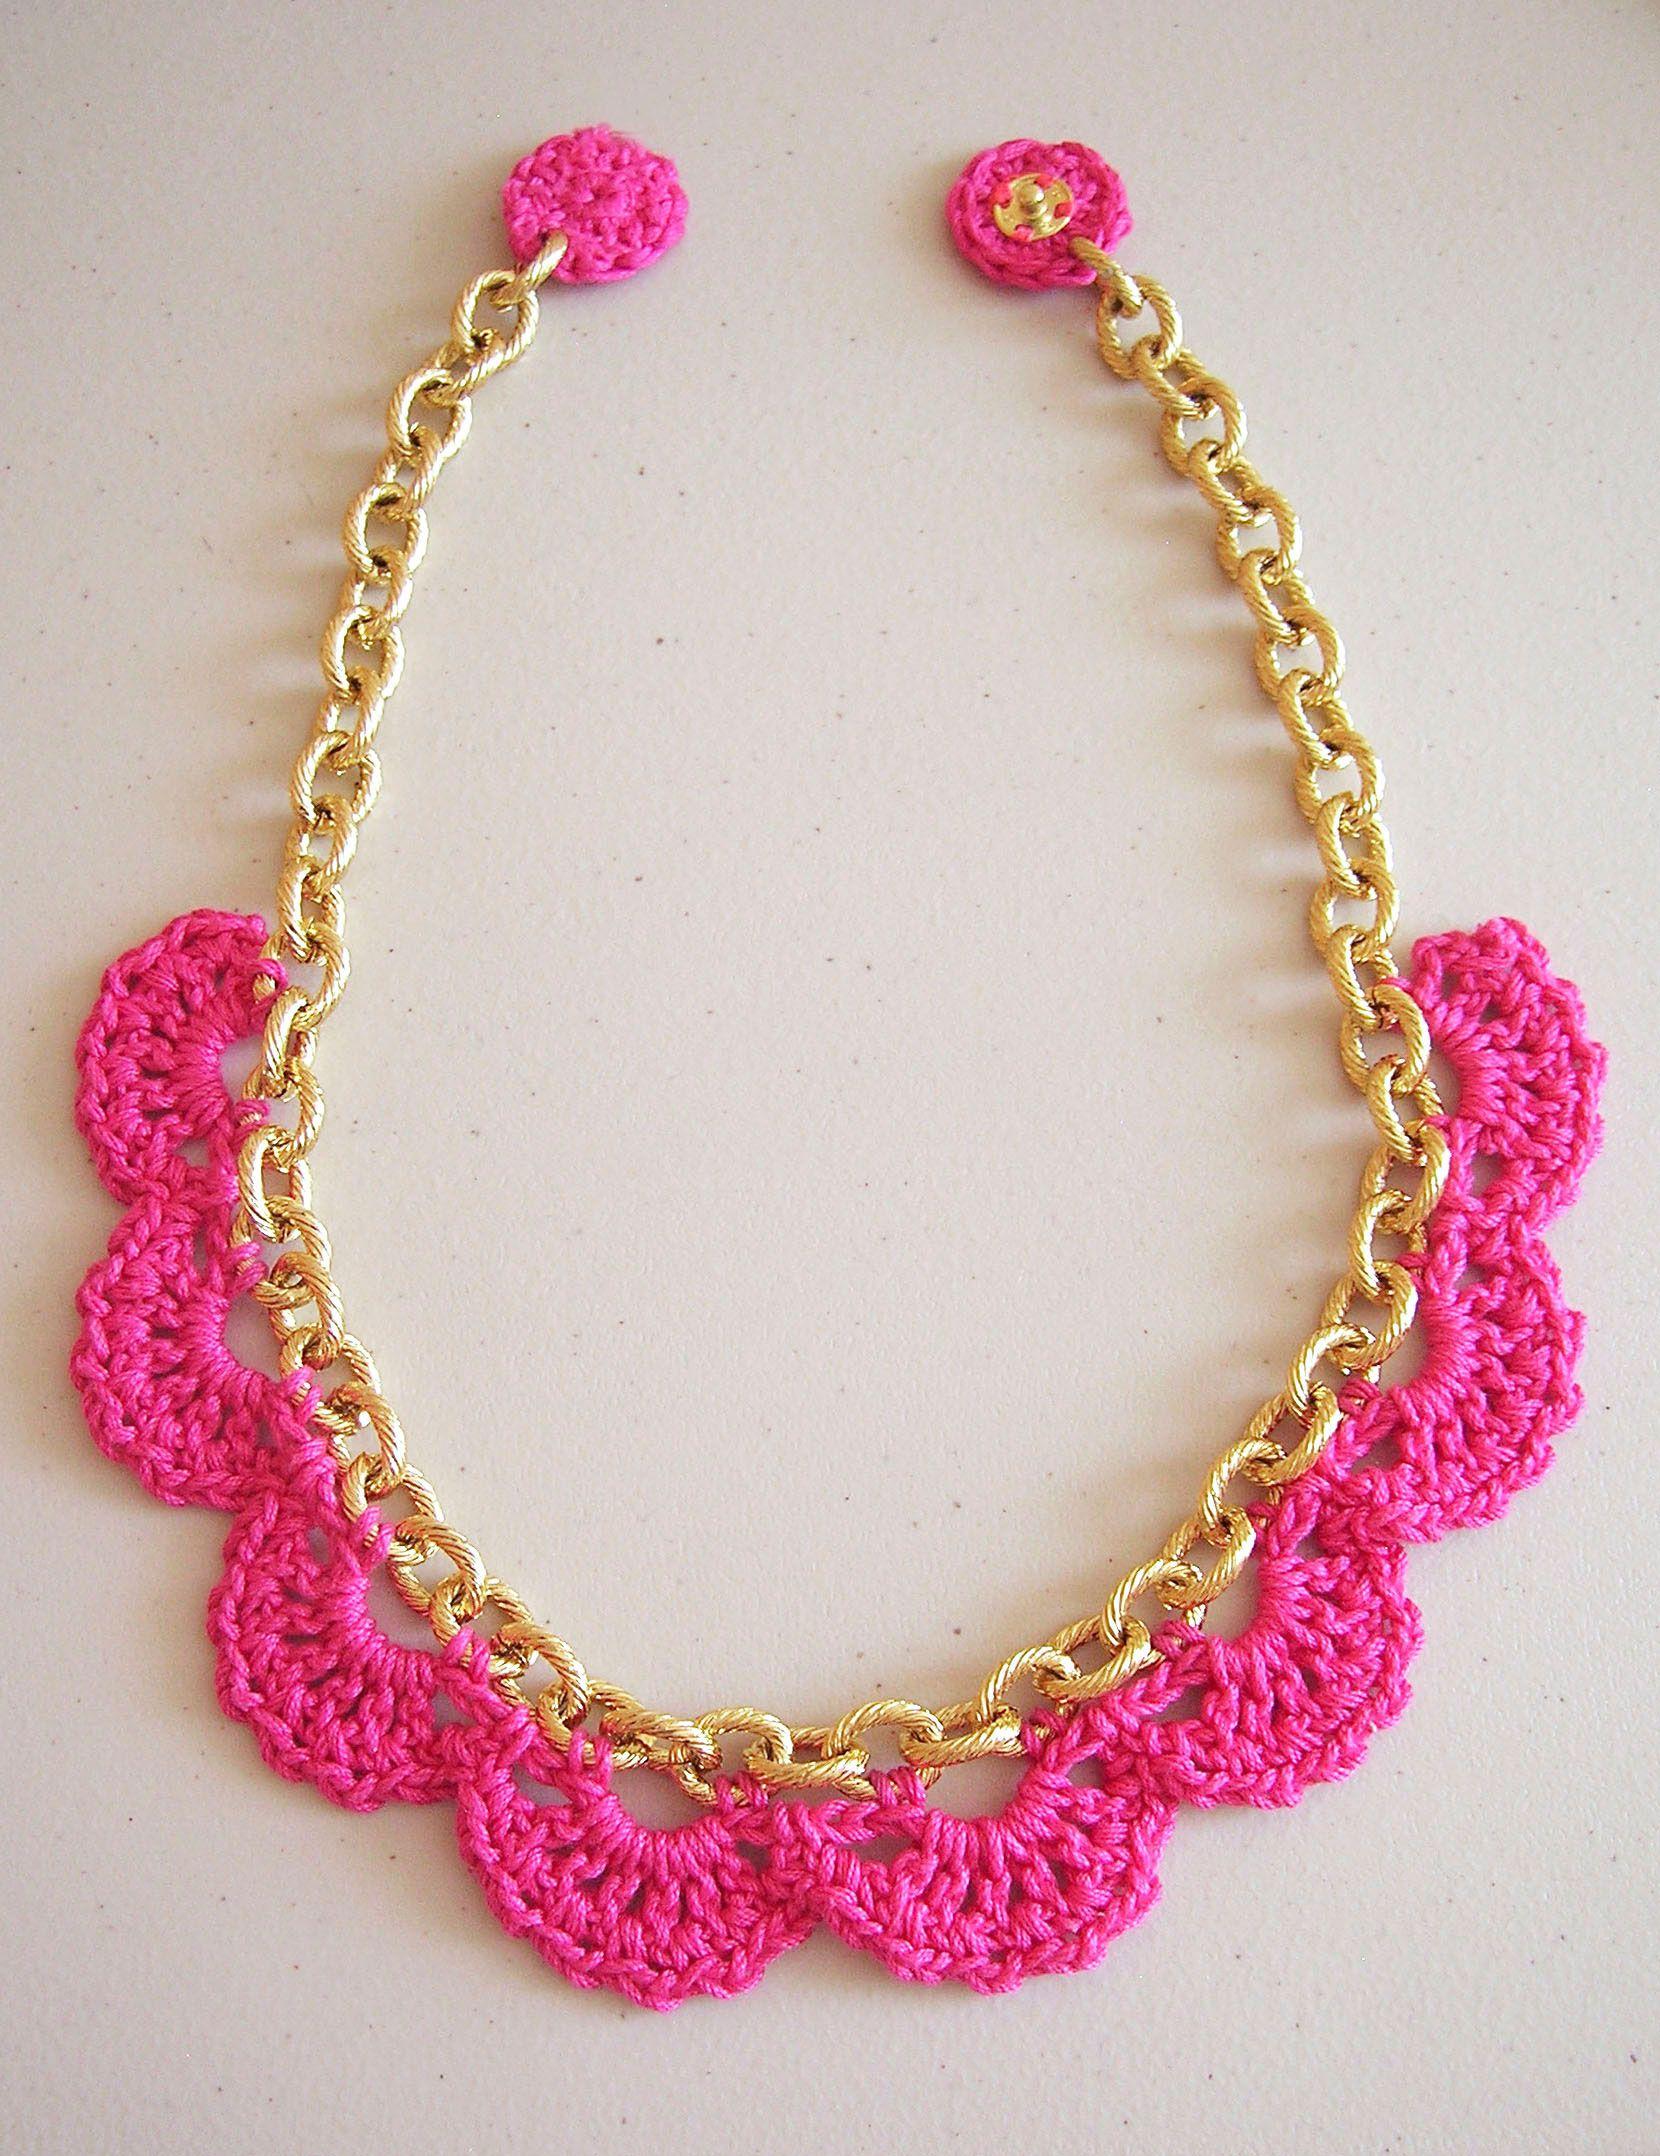 CROCHET_NECKLACE4 | Necklaces | Pinterest | Collares, Tejido y ...